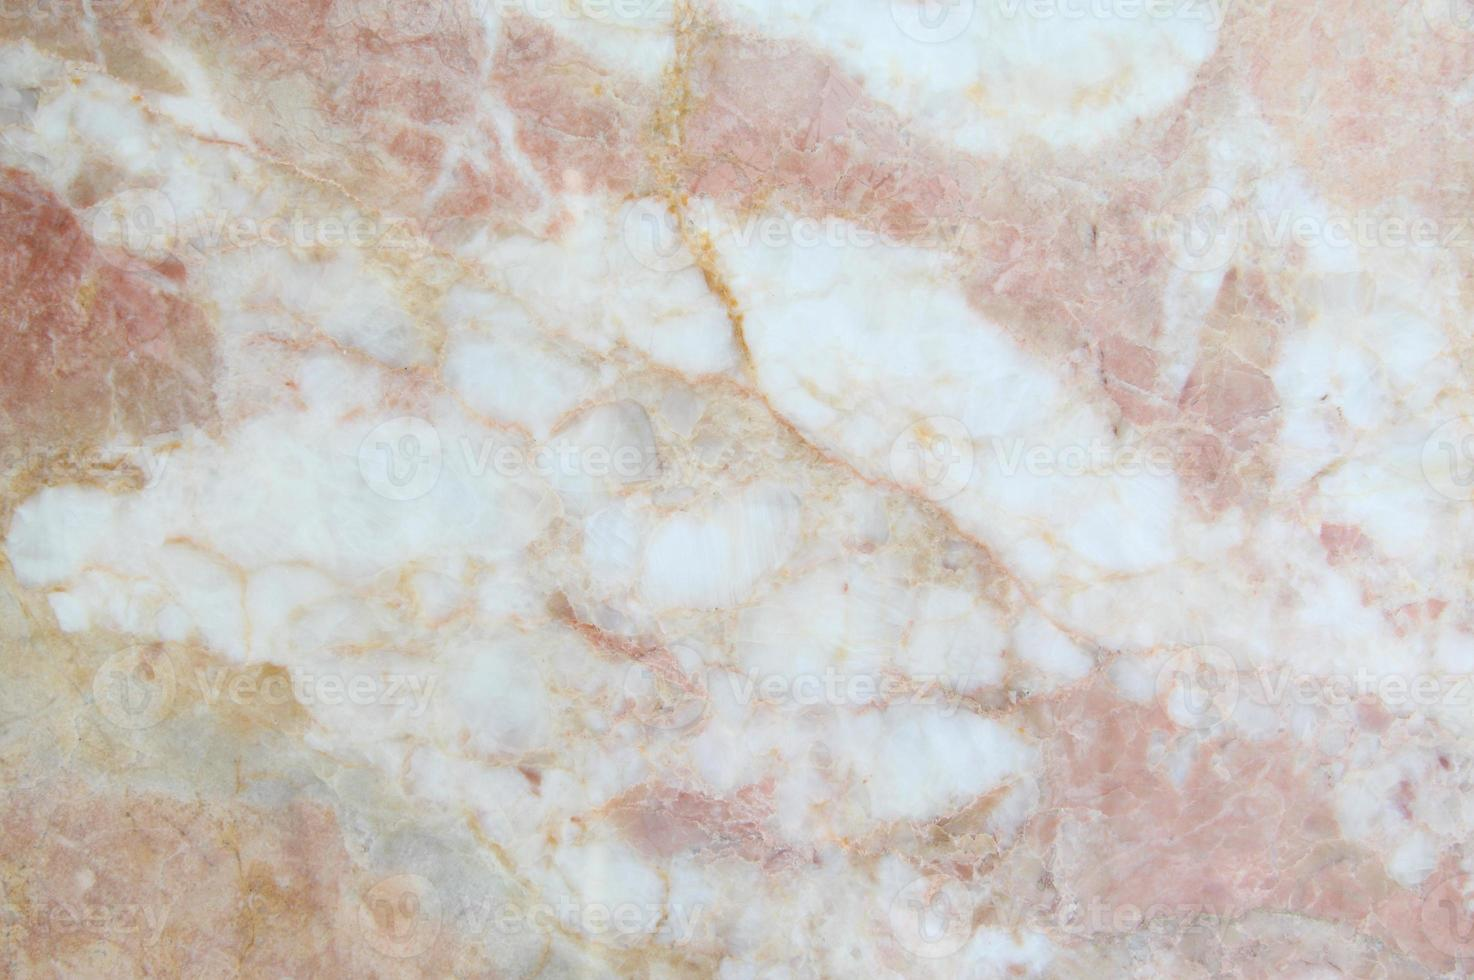 marmeren tegels textuur muur marmeren achtergrond foto